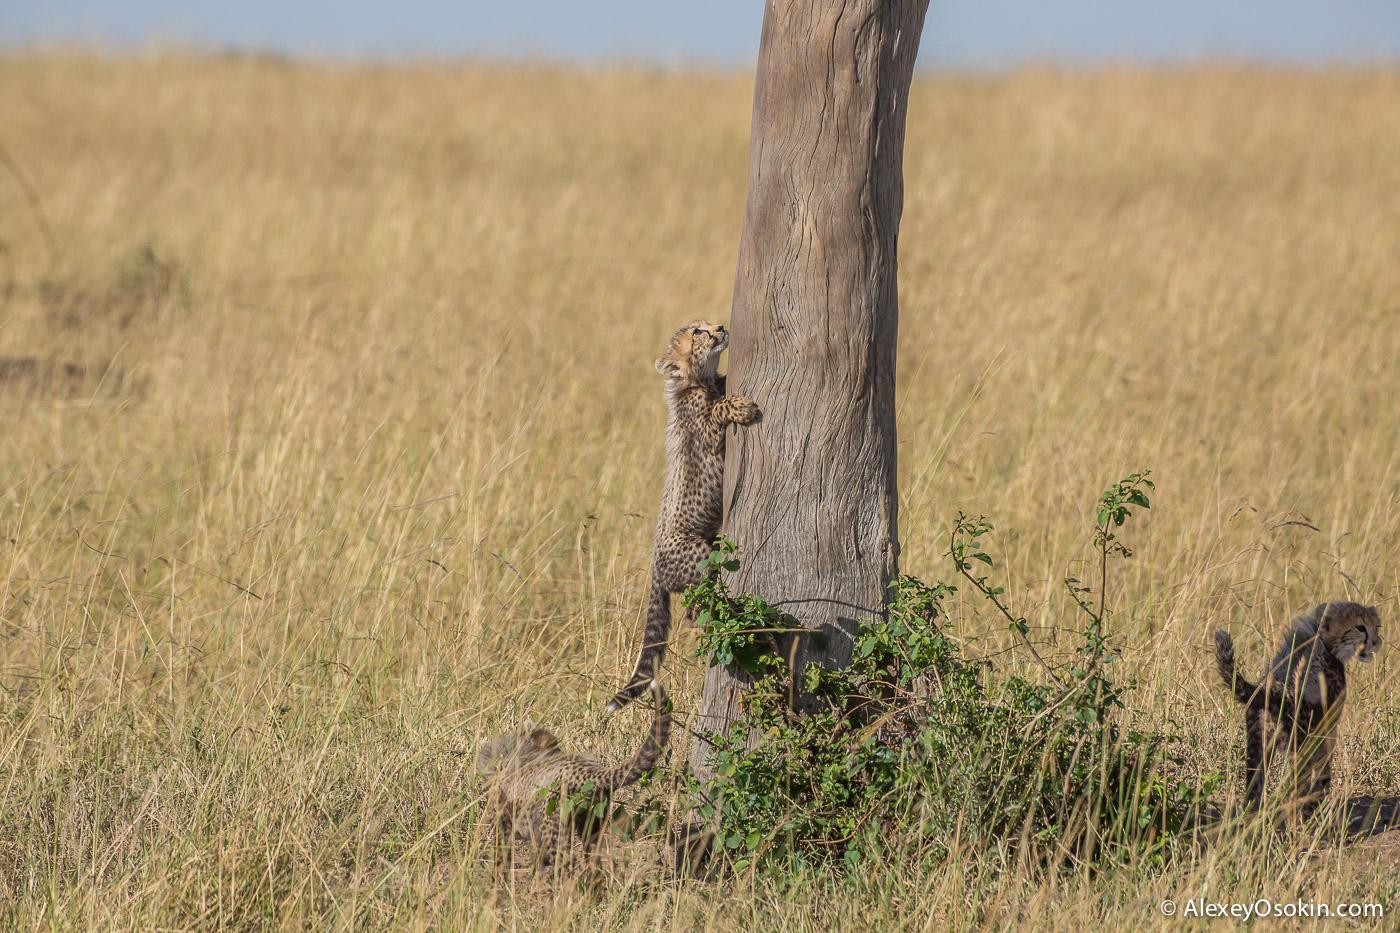 kenya-cheetah2-ao, aug.2015-25.jpg